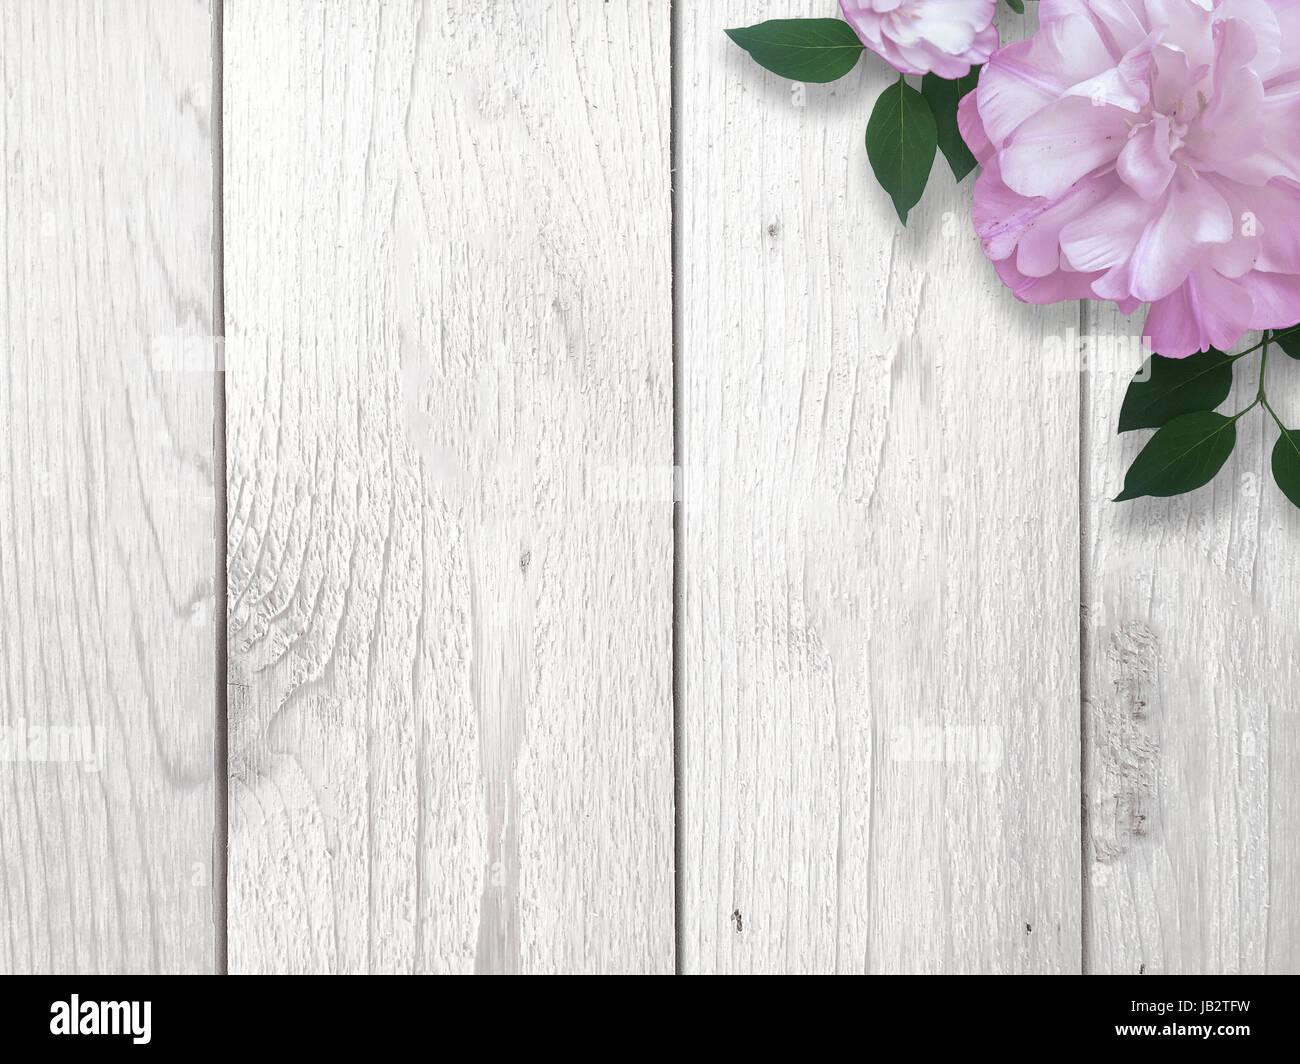 Lila Rose über Weiß Gekalkt Holz Hintergrund Stockfoto Bild